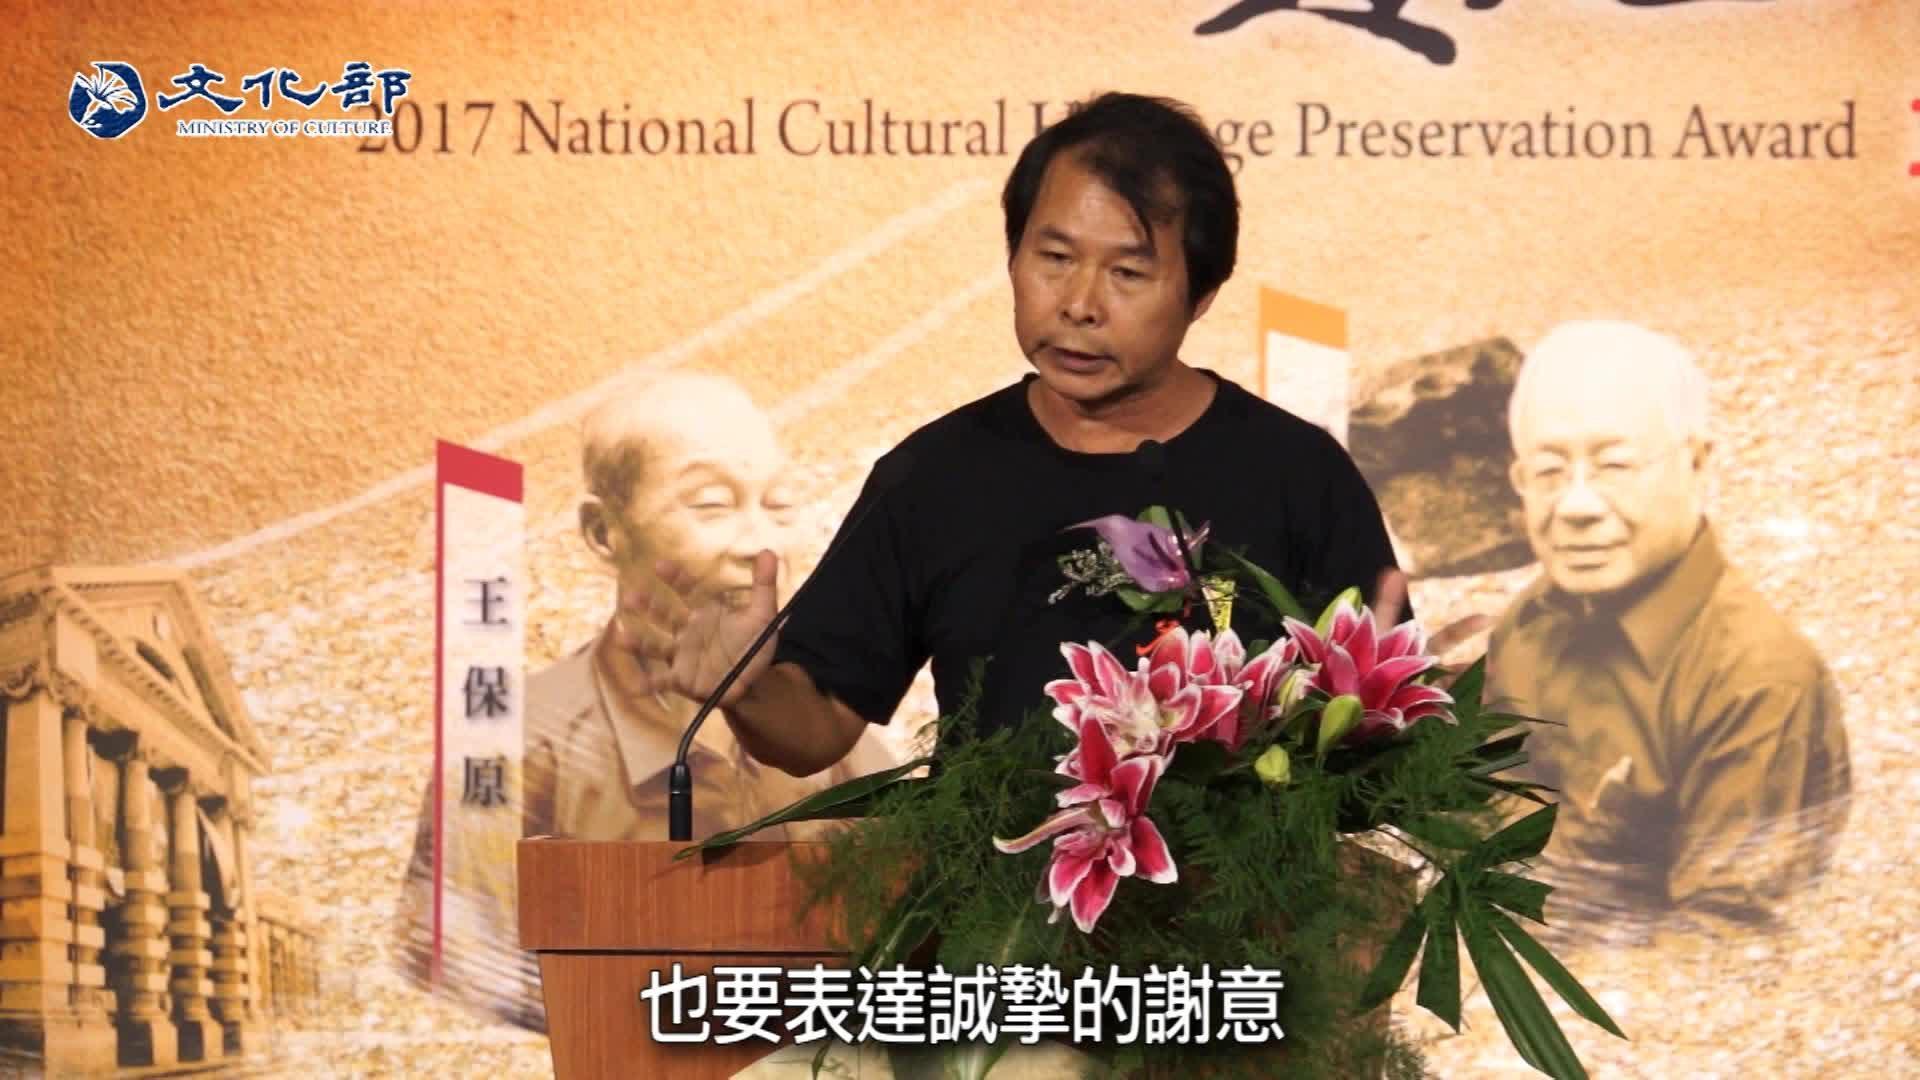 麗君部長說:文資保存是更有智慧的國家發展